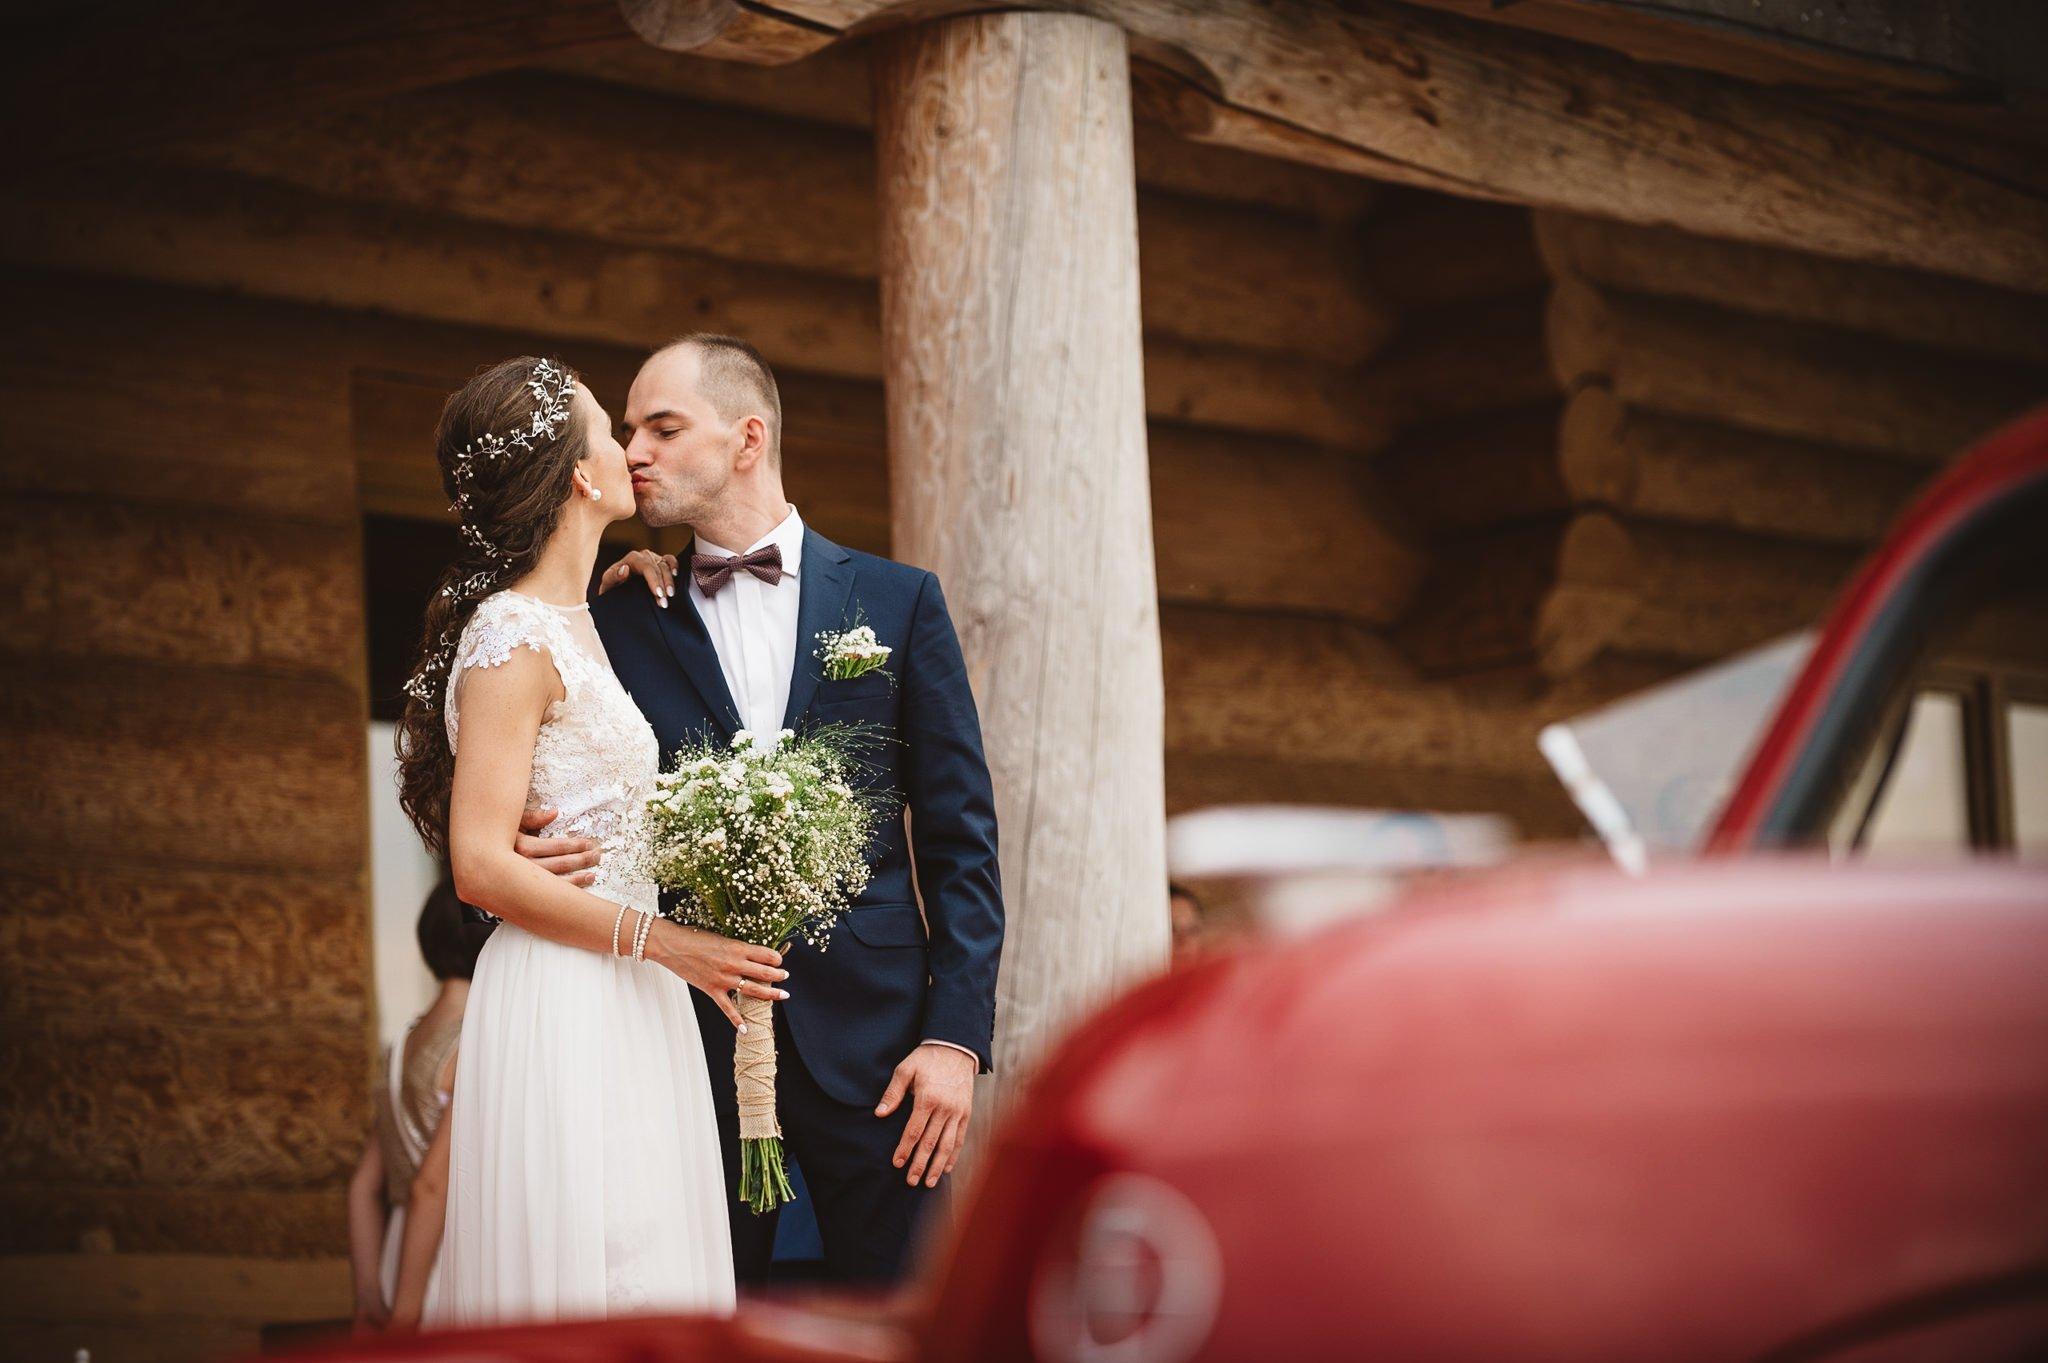 Ala i Arek, czyli jak zorganizować ślub i wesele w 4 tygodnie! 147